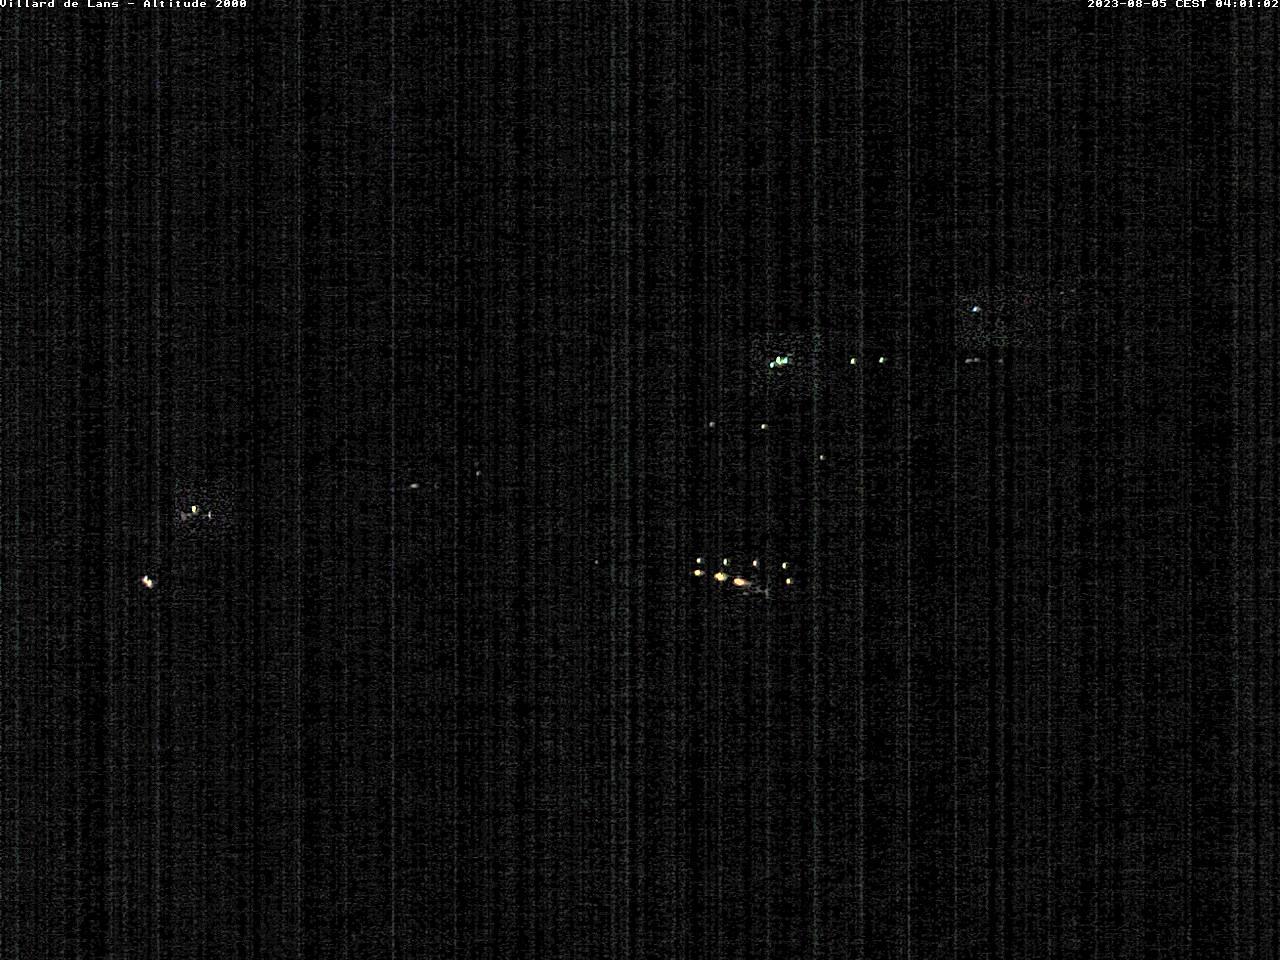 Villard de Lans Nord